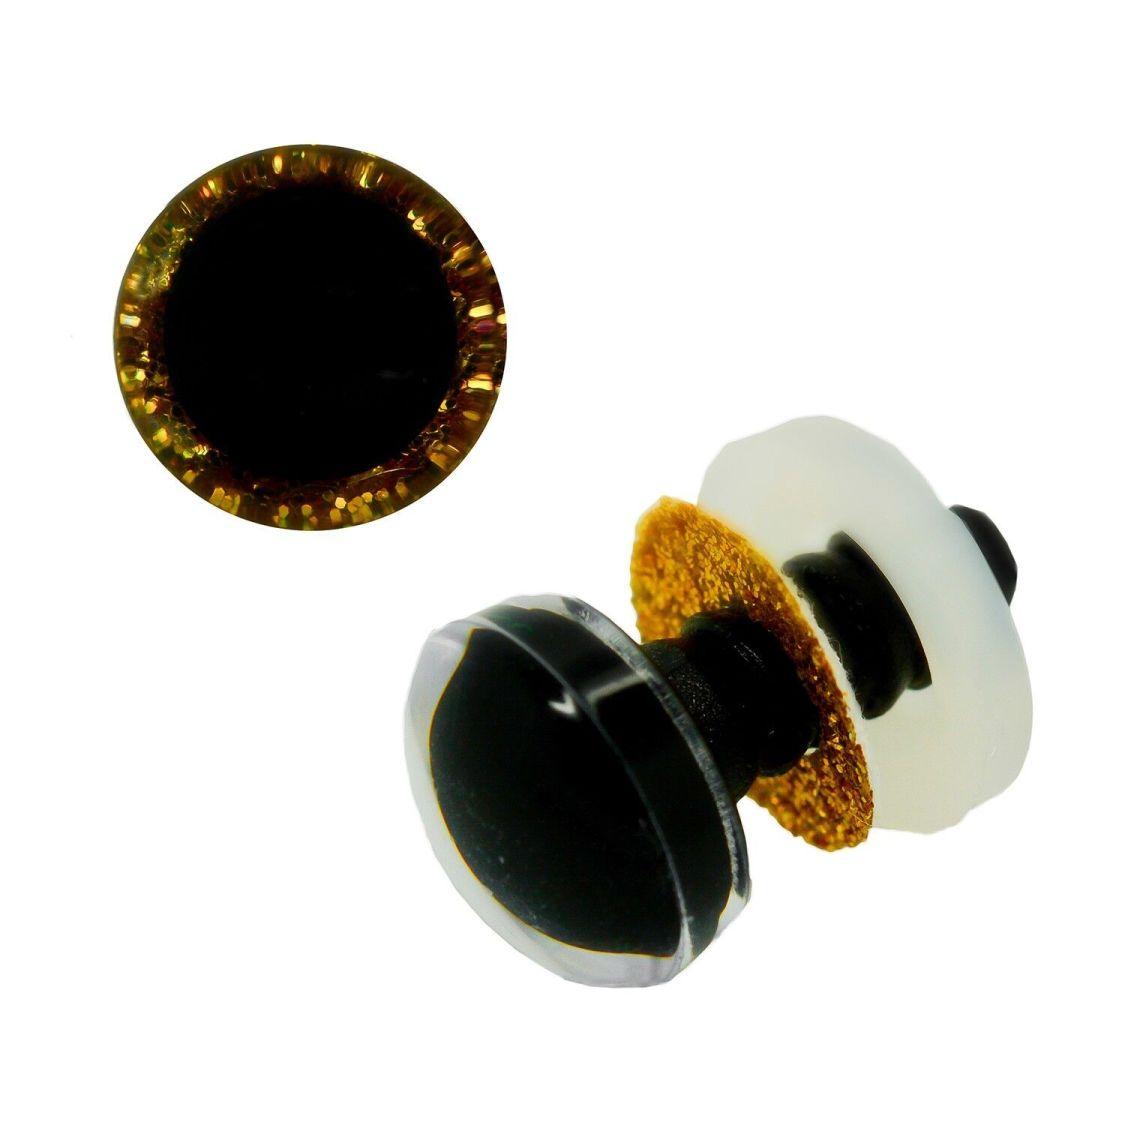 1 Paar Glitzer-Augen gold 12mm, Sicherheitsaugen Puppen, Teddies, Kuscheltiere (